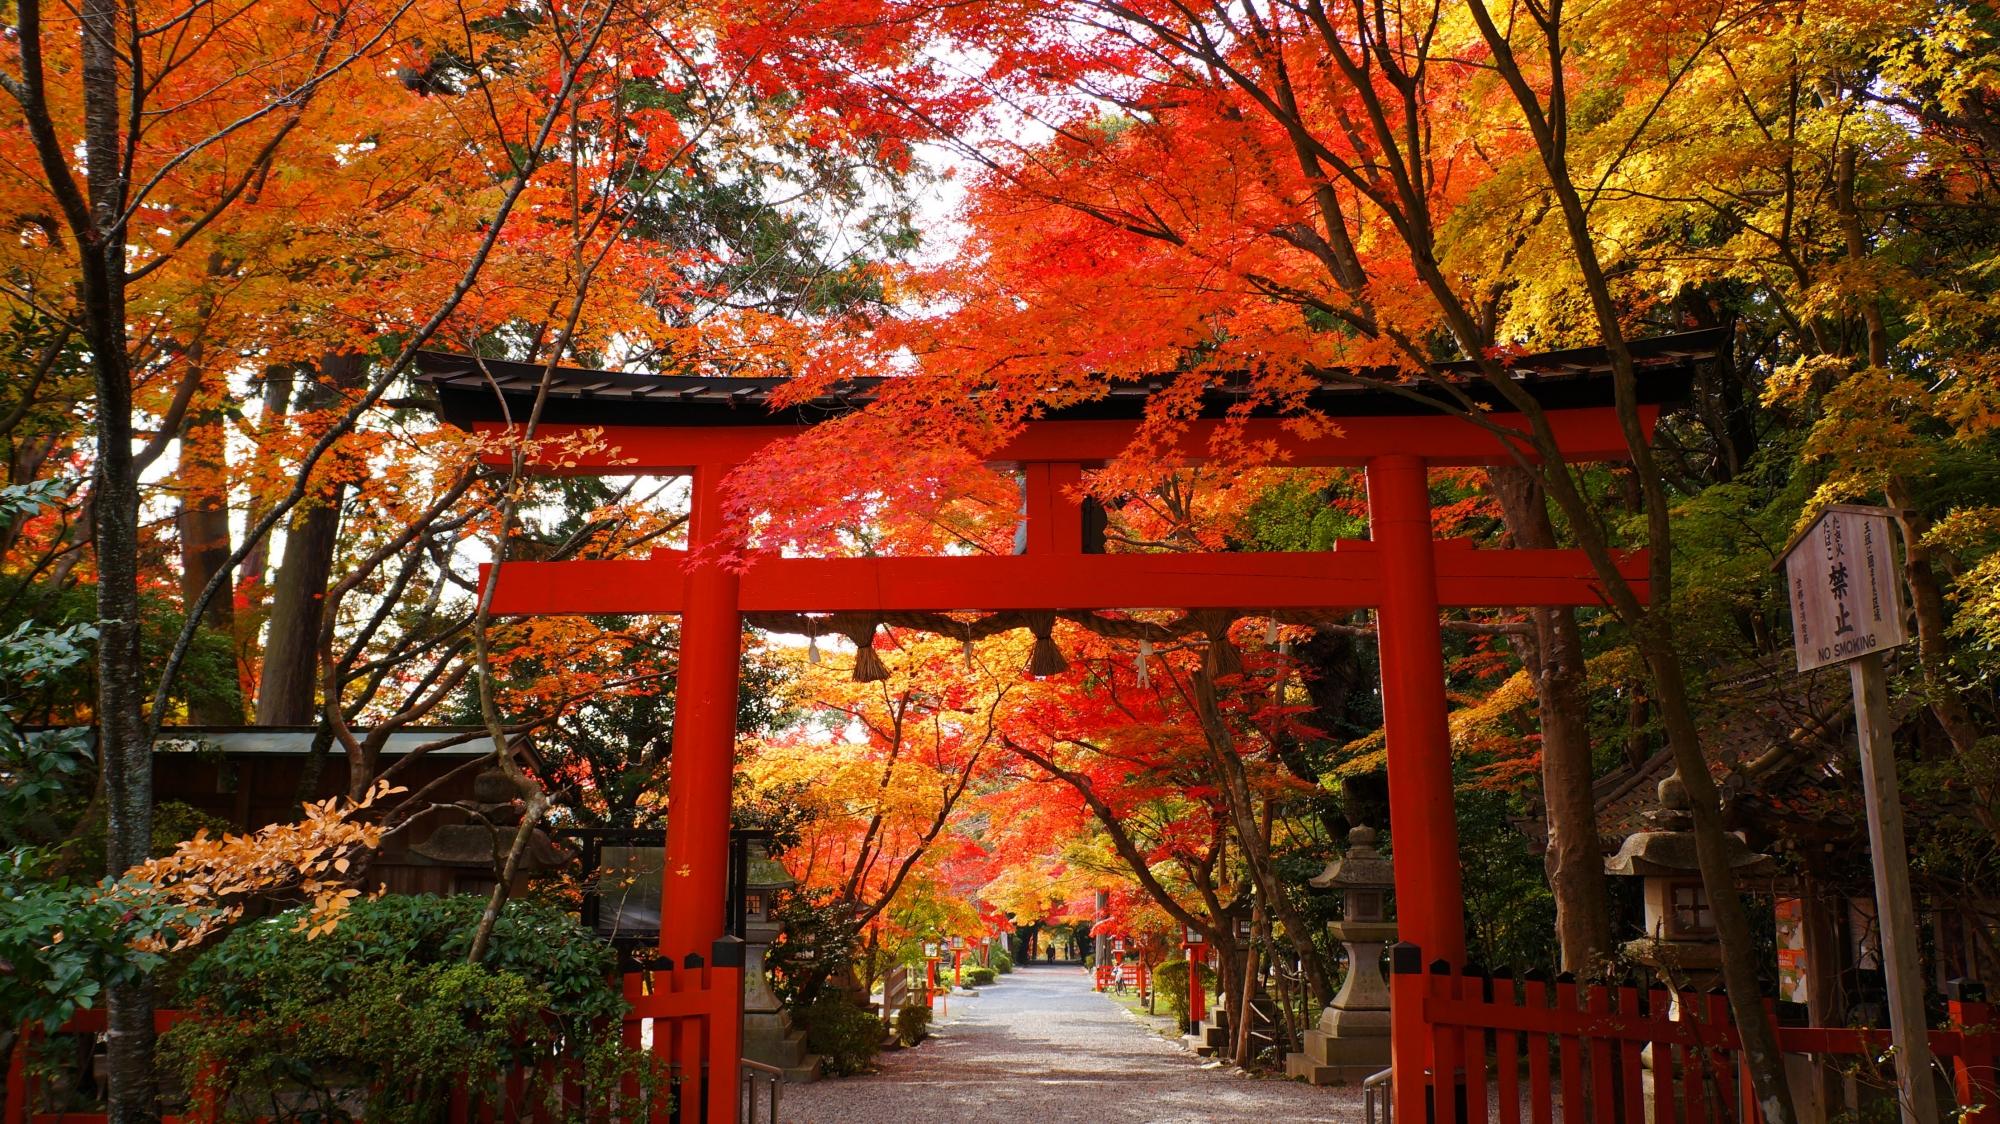 大原野神社の素晴らしい秋色につつまれた鳥居と長い参道